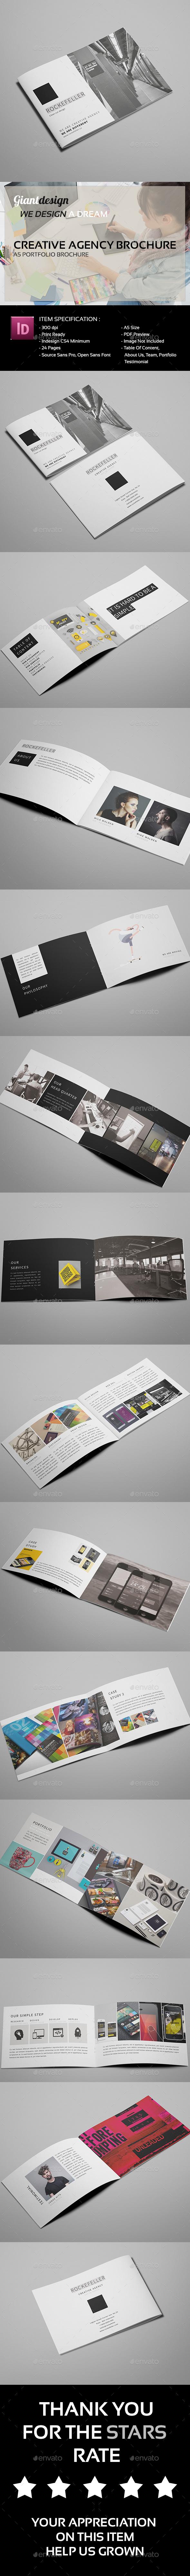 Creative Agency Brochure - Portfolio Brochures